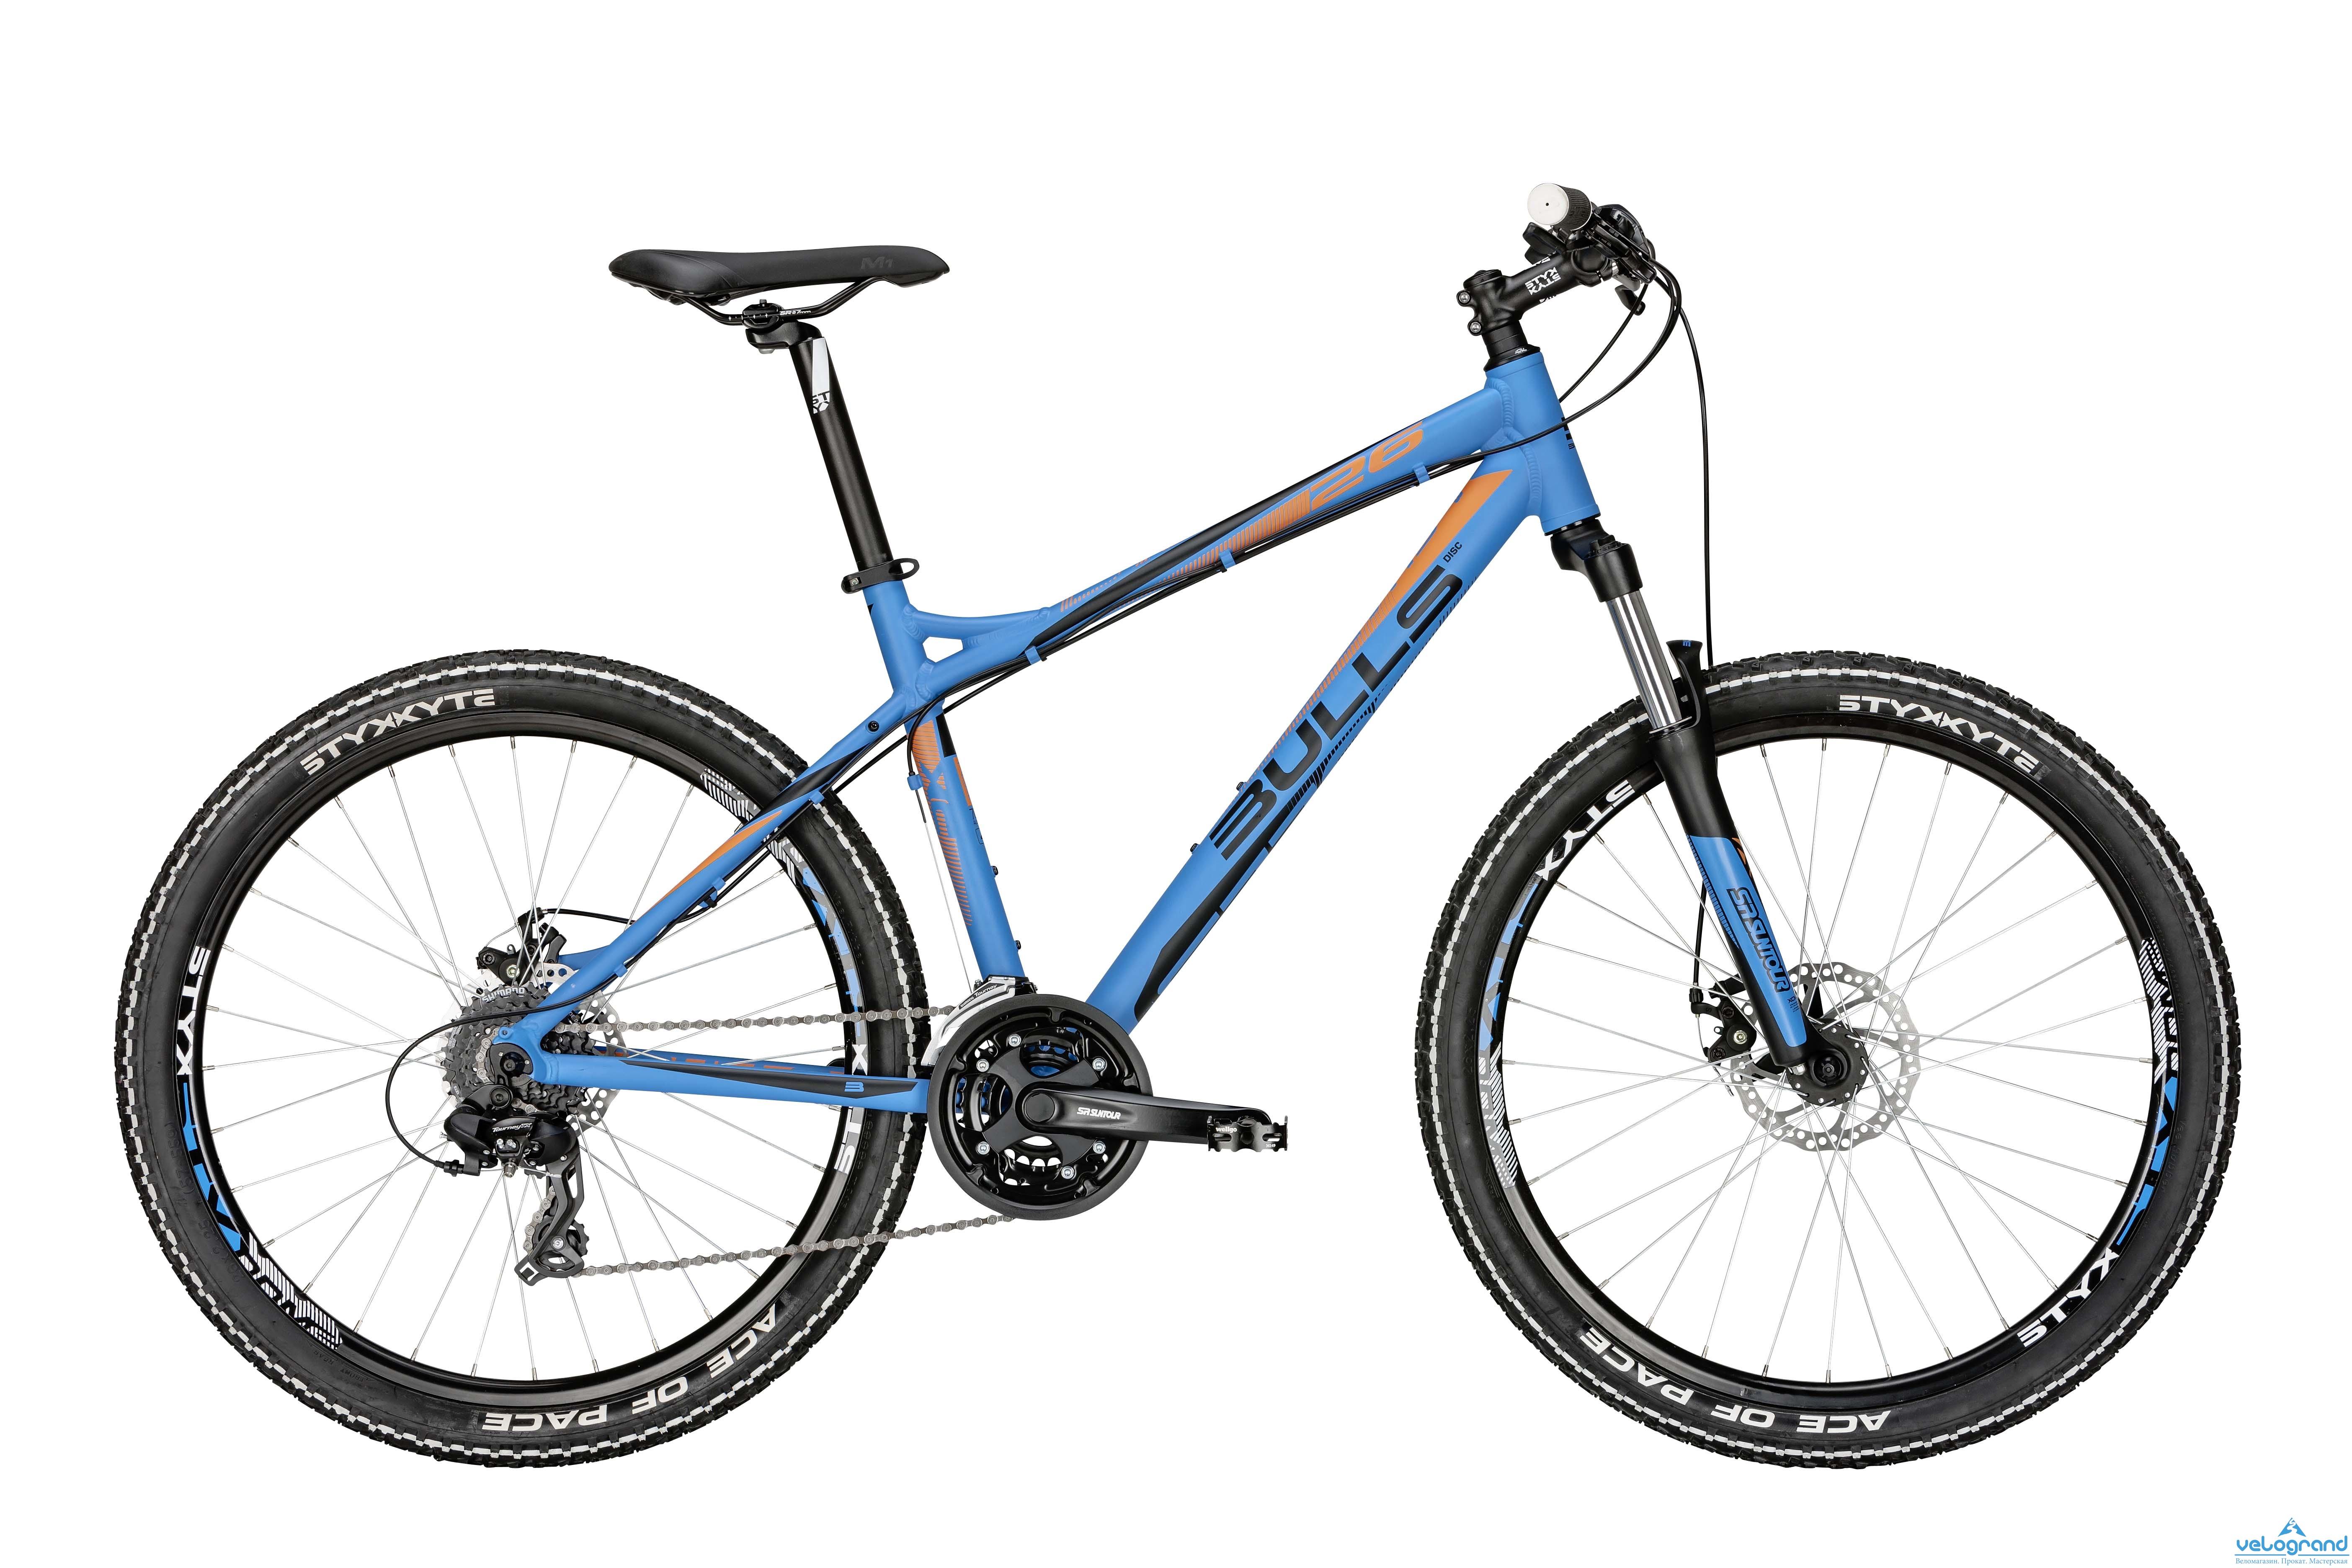 Горный велосипед Bulls Sharptail 1 Disc (2015), Цвет Синий, Размер 22